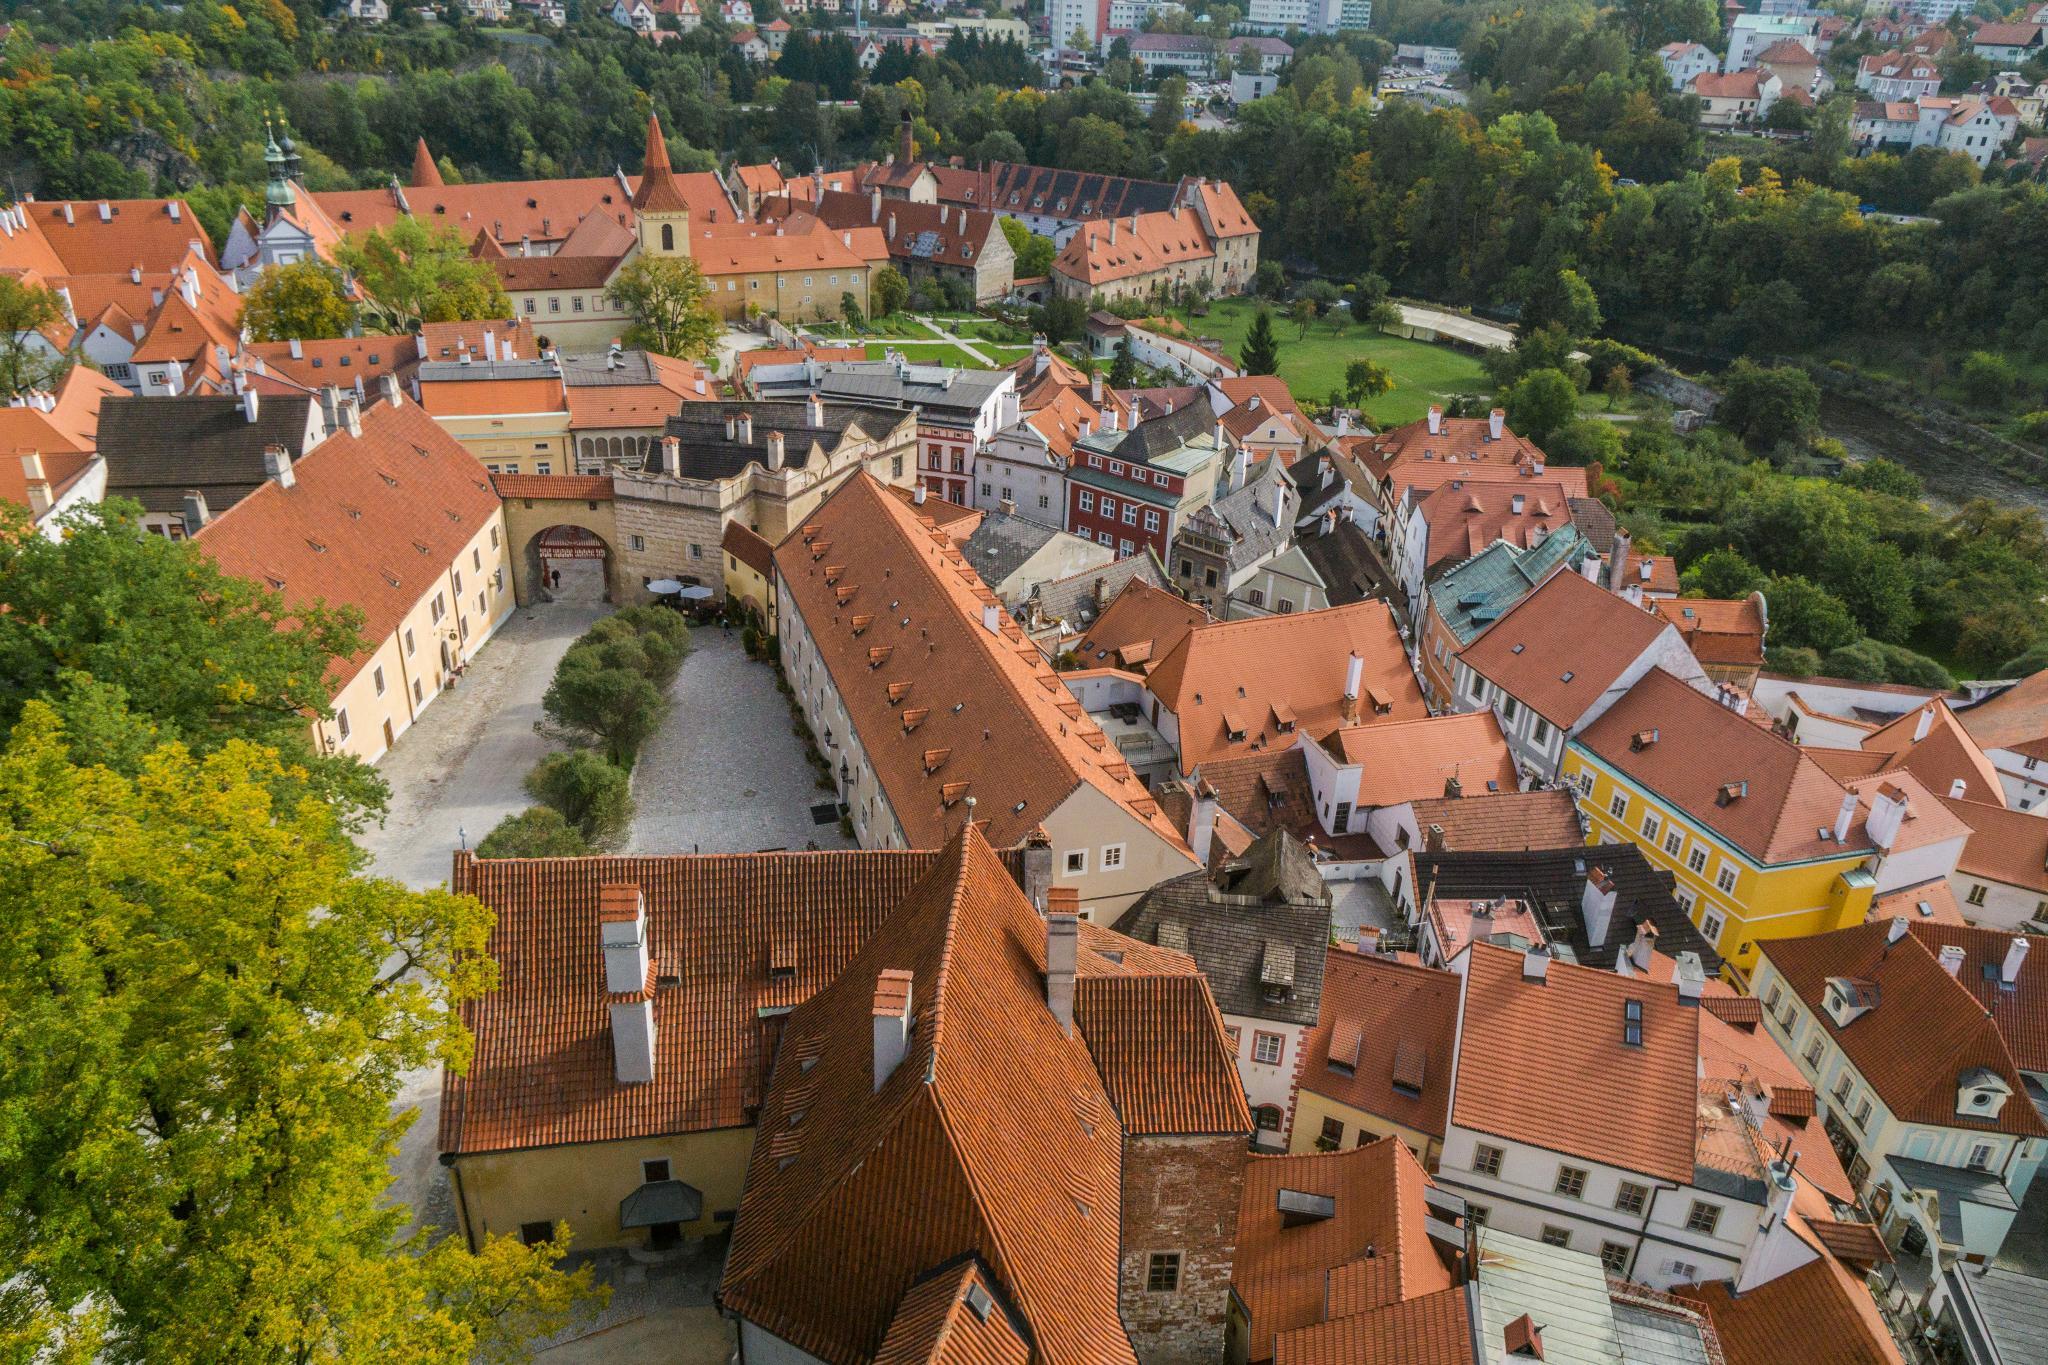 【捷克】穿越時空的波希米亞狂想曲 — Český Krumlov Castle 庫倫諾夫城堡 12